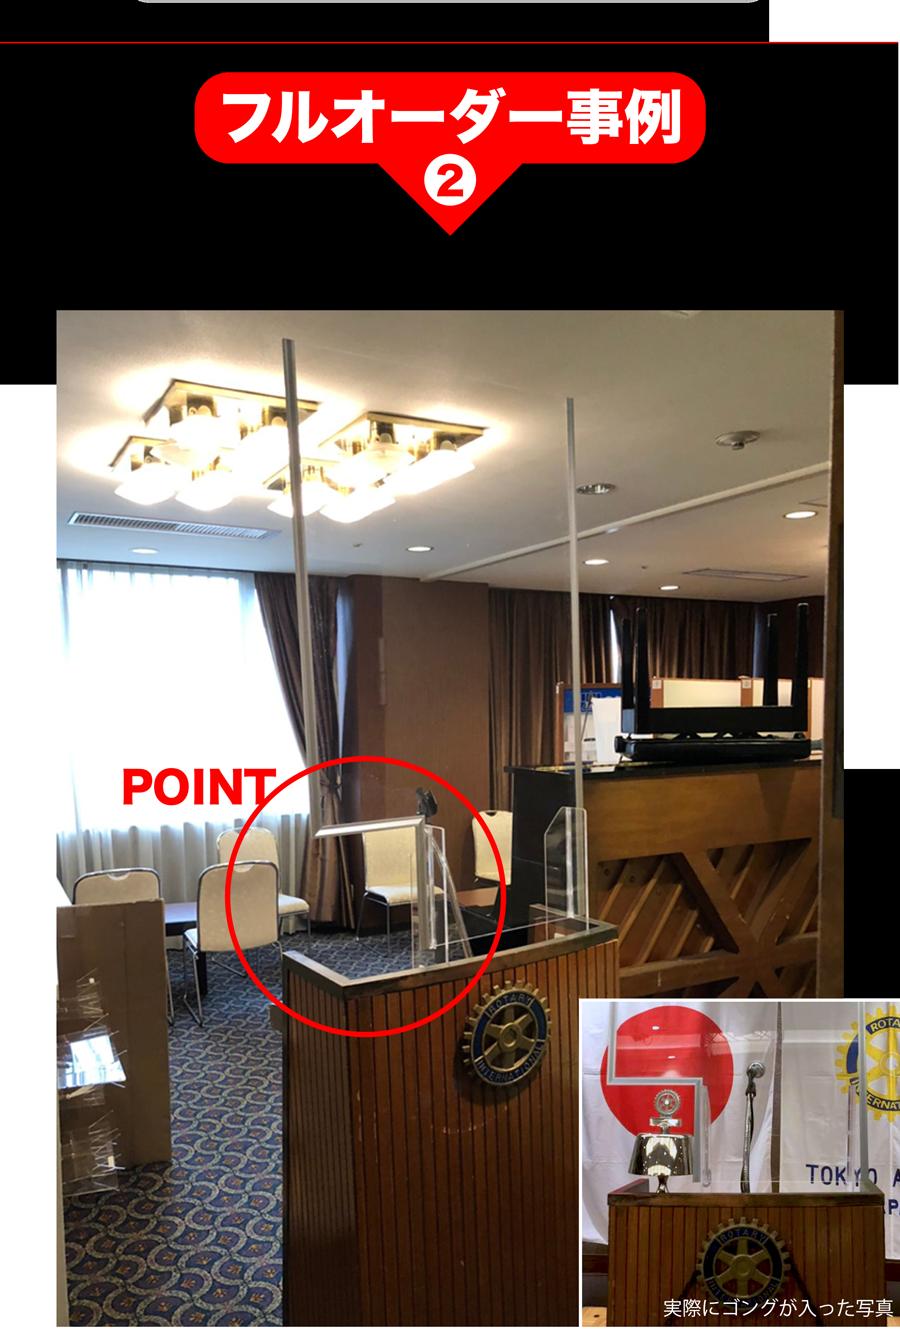 フルオーダー事例2 東京足立ロータリークラブ様 POINT 実際にゴングが入った写真